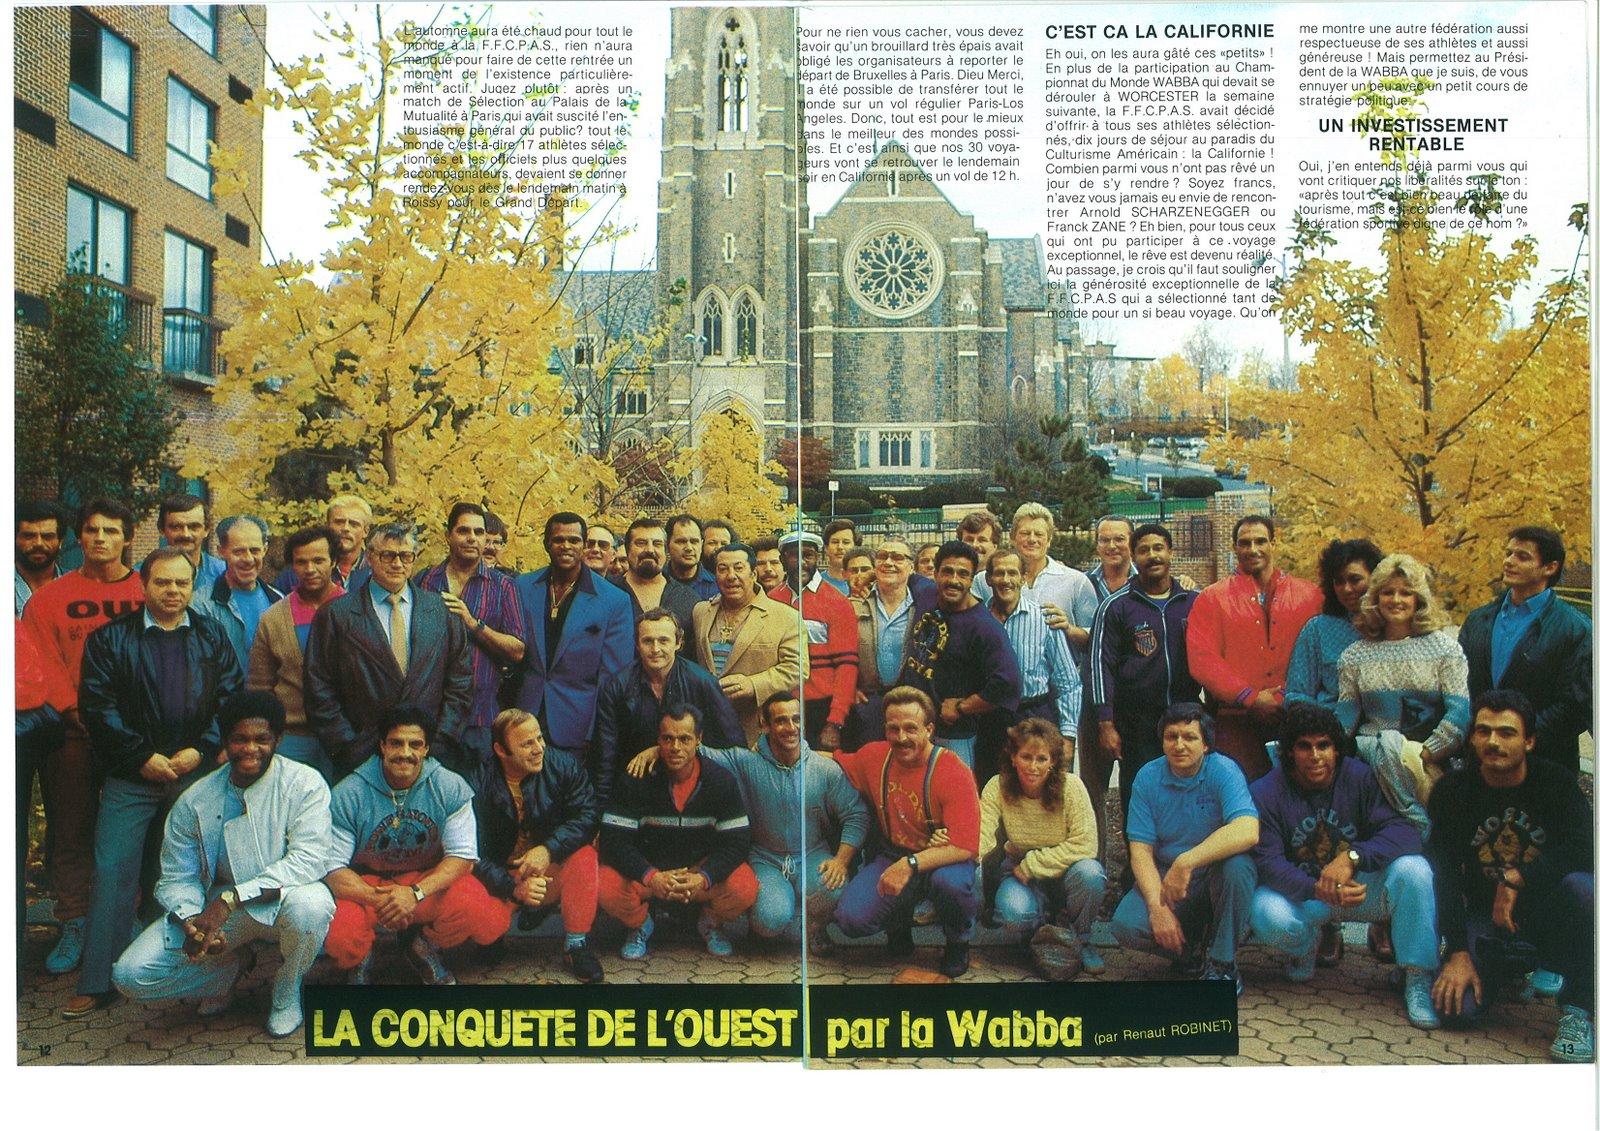 Edouard KAWAK - Page 2 20090107123330_00001